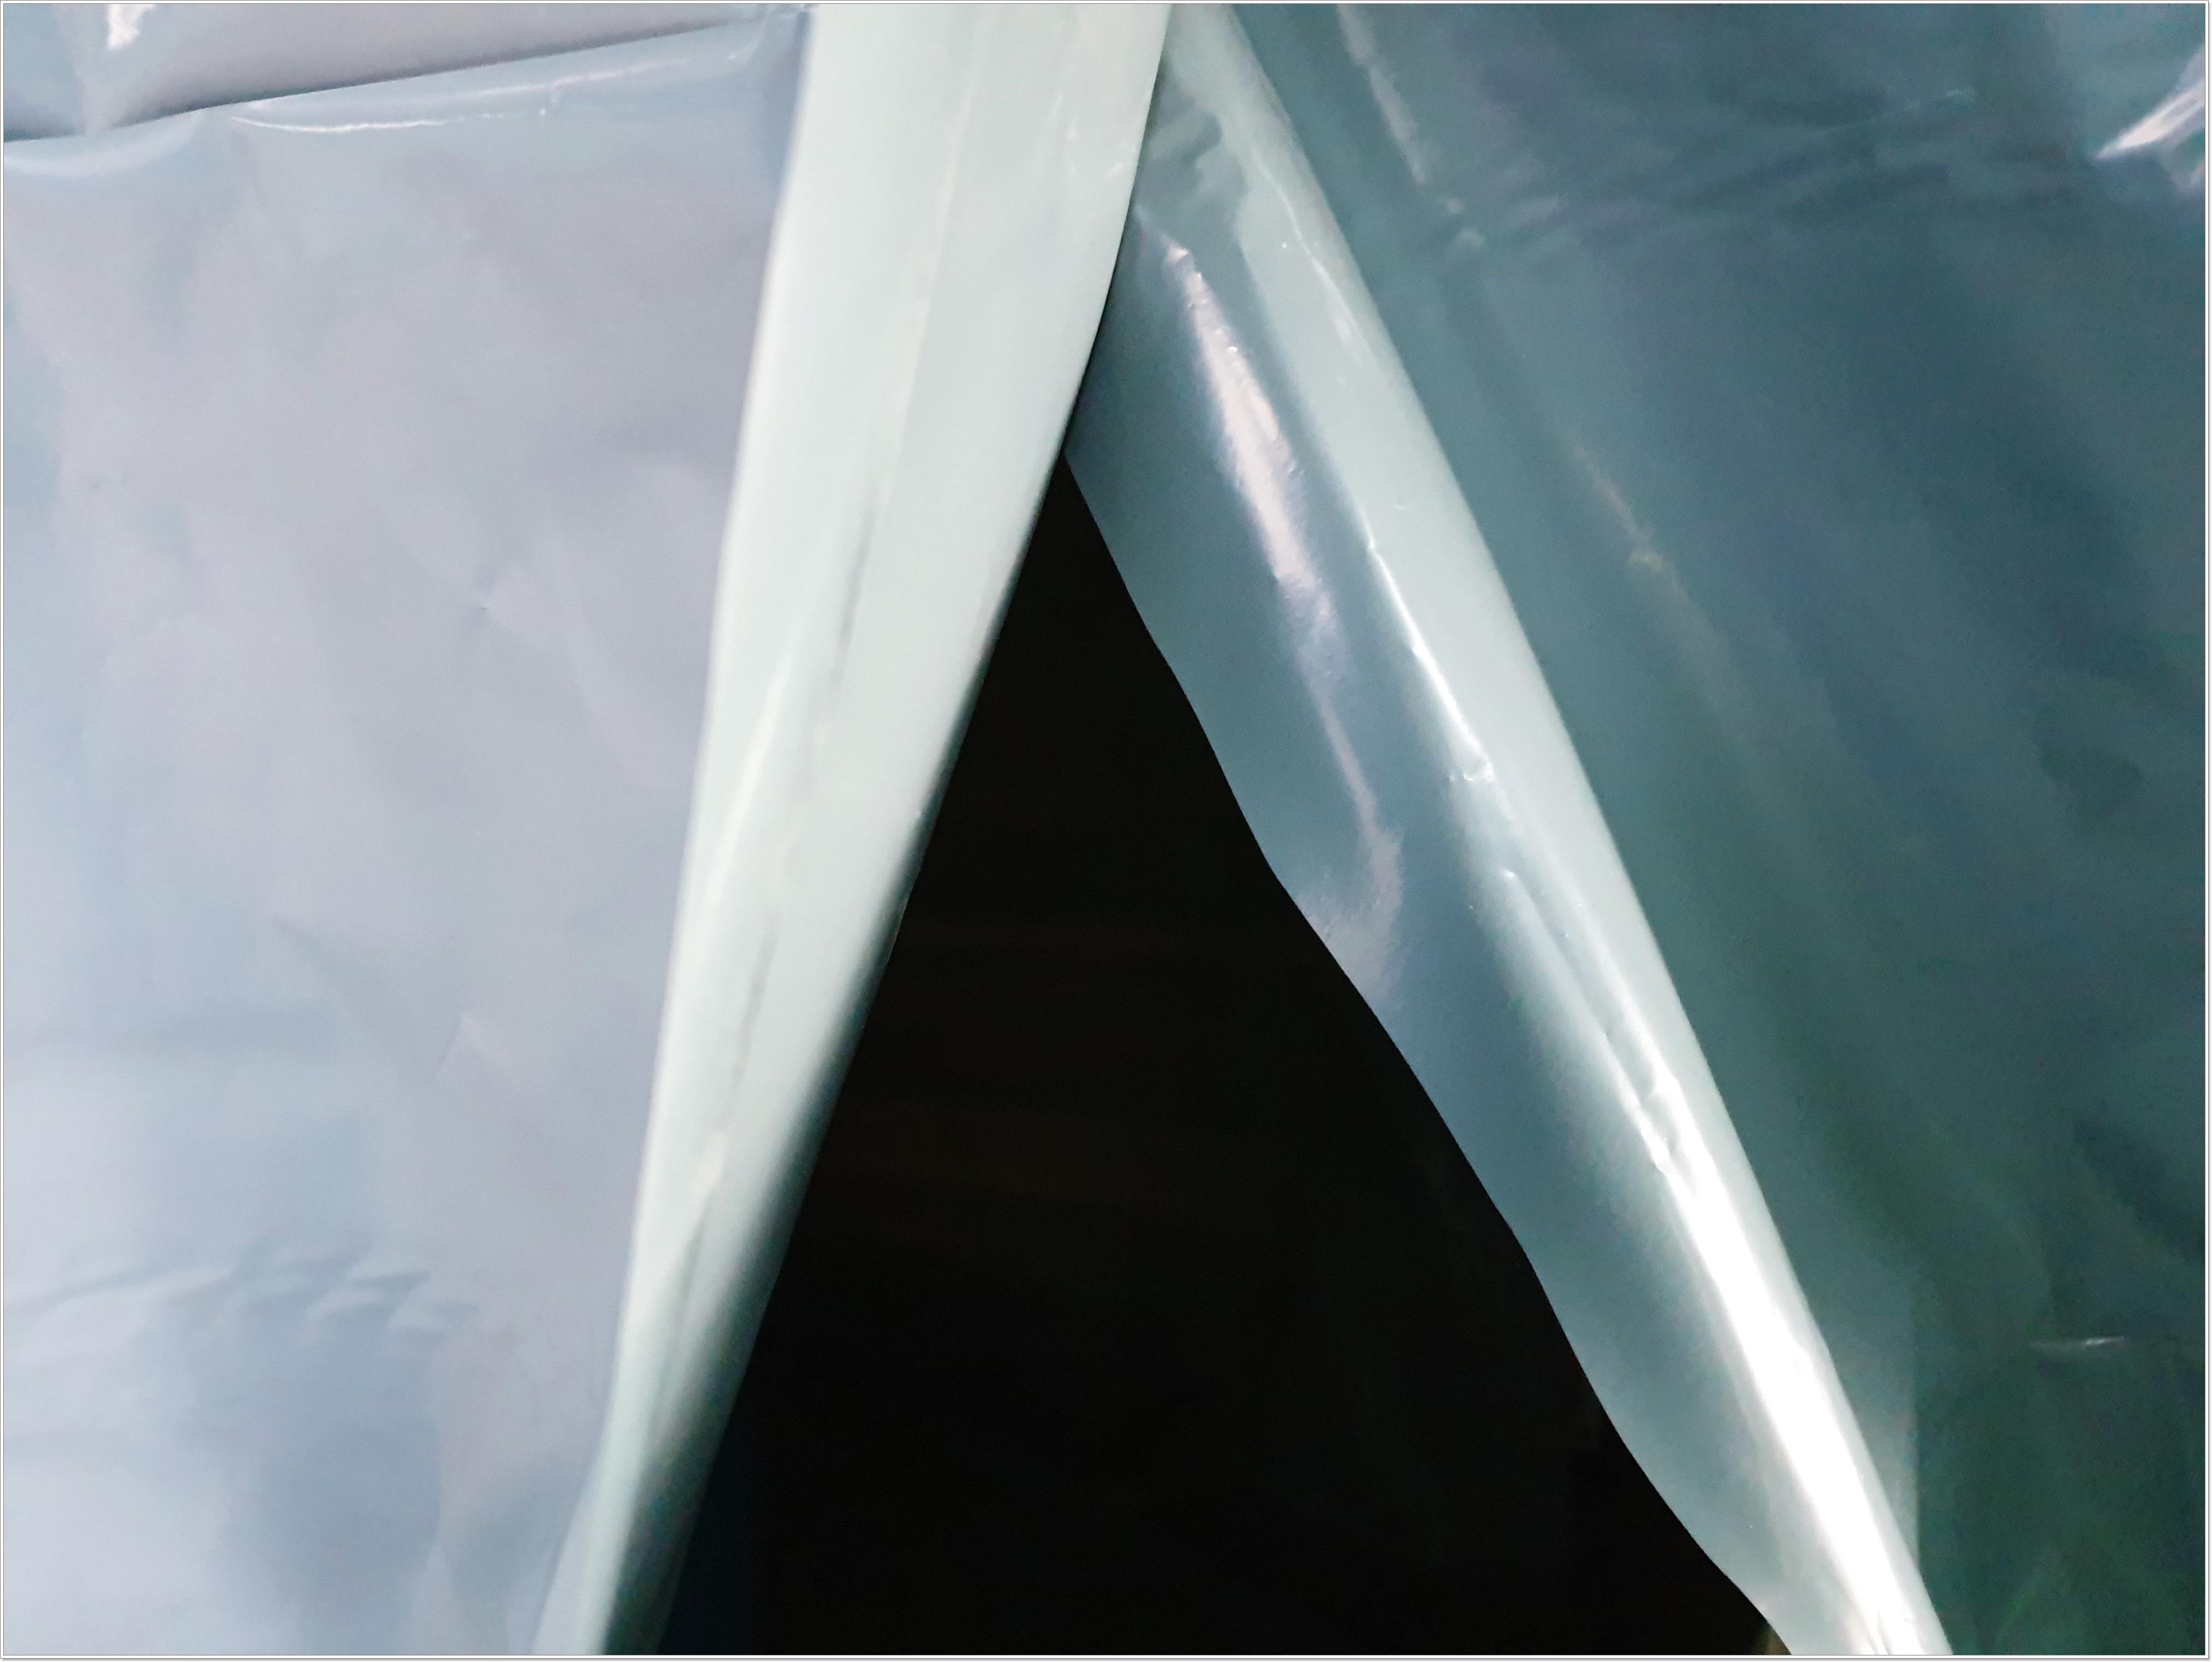 13 번째 사진  에  연면적 ㎡ 부산 중학교 석면해체 현장 (천장 텍스)